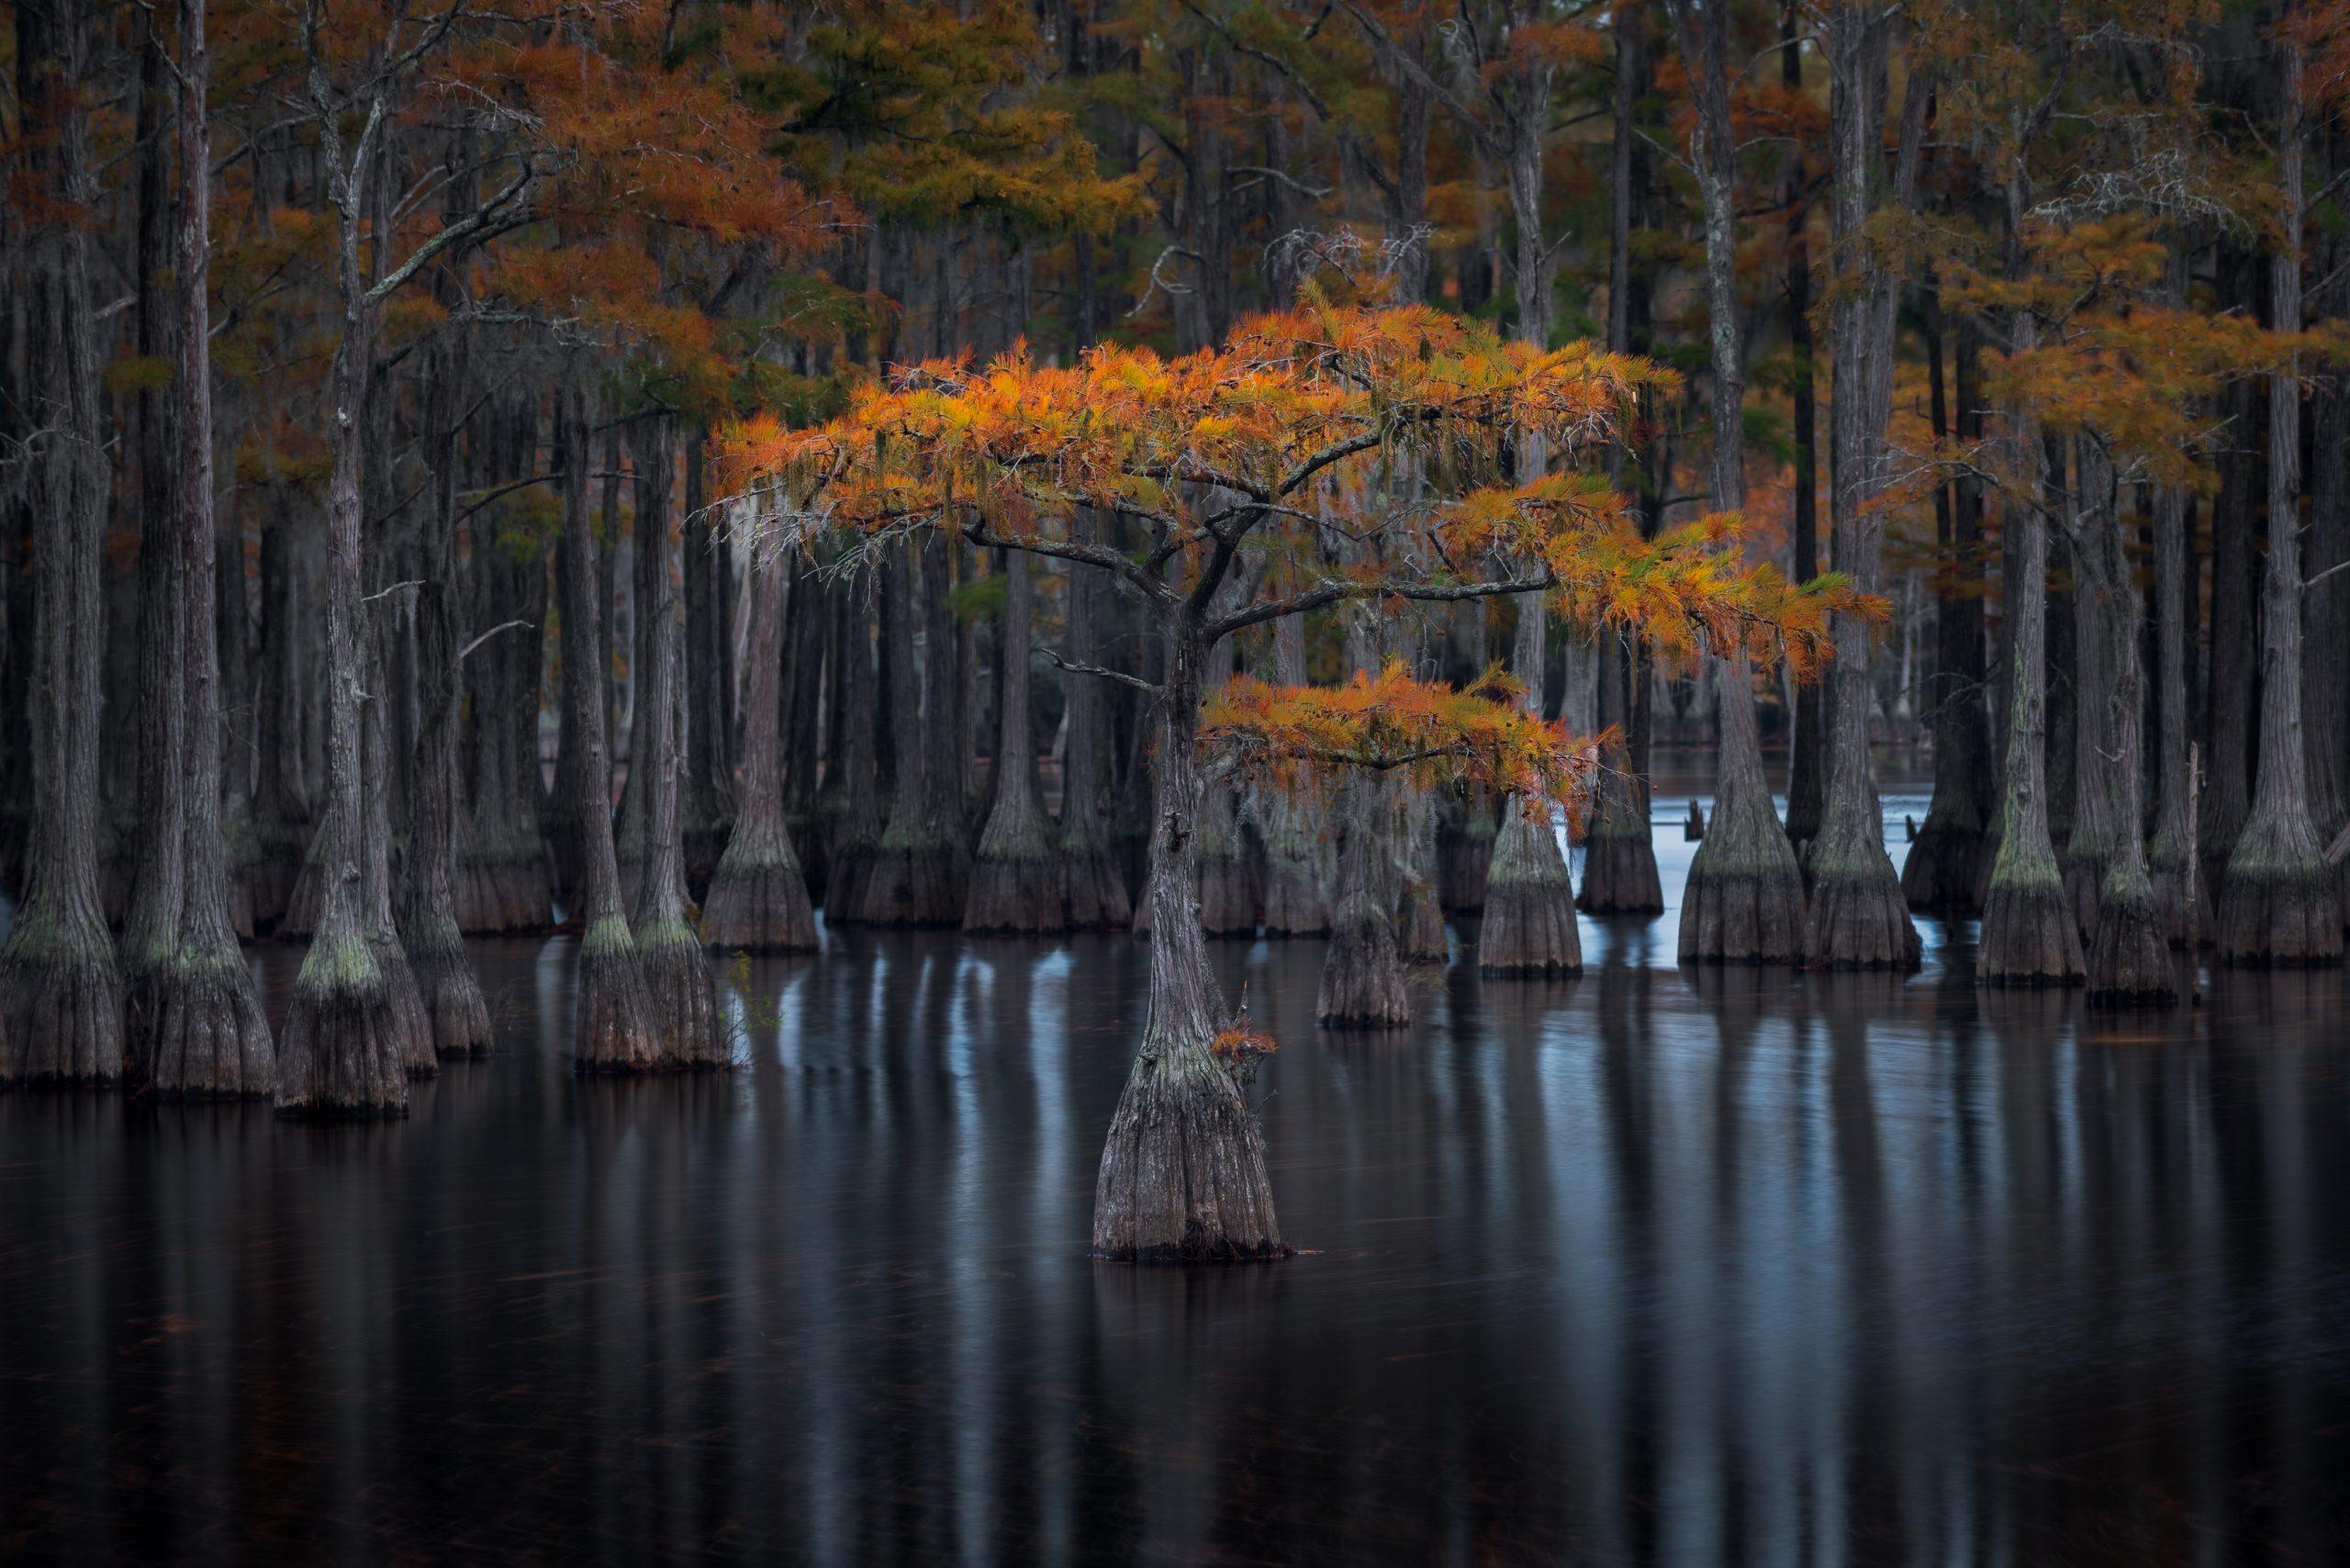 fotografia paesaggistica a colori di un cipresso in Florida, USA, di Donald Pelliccia